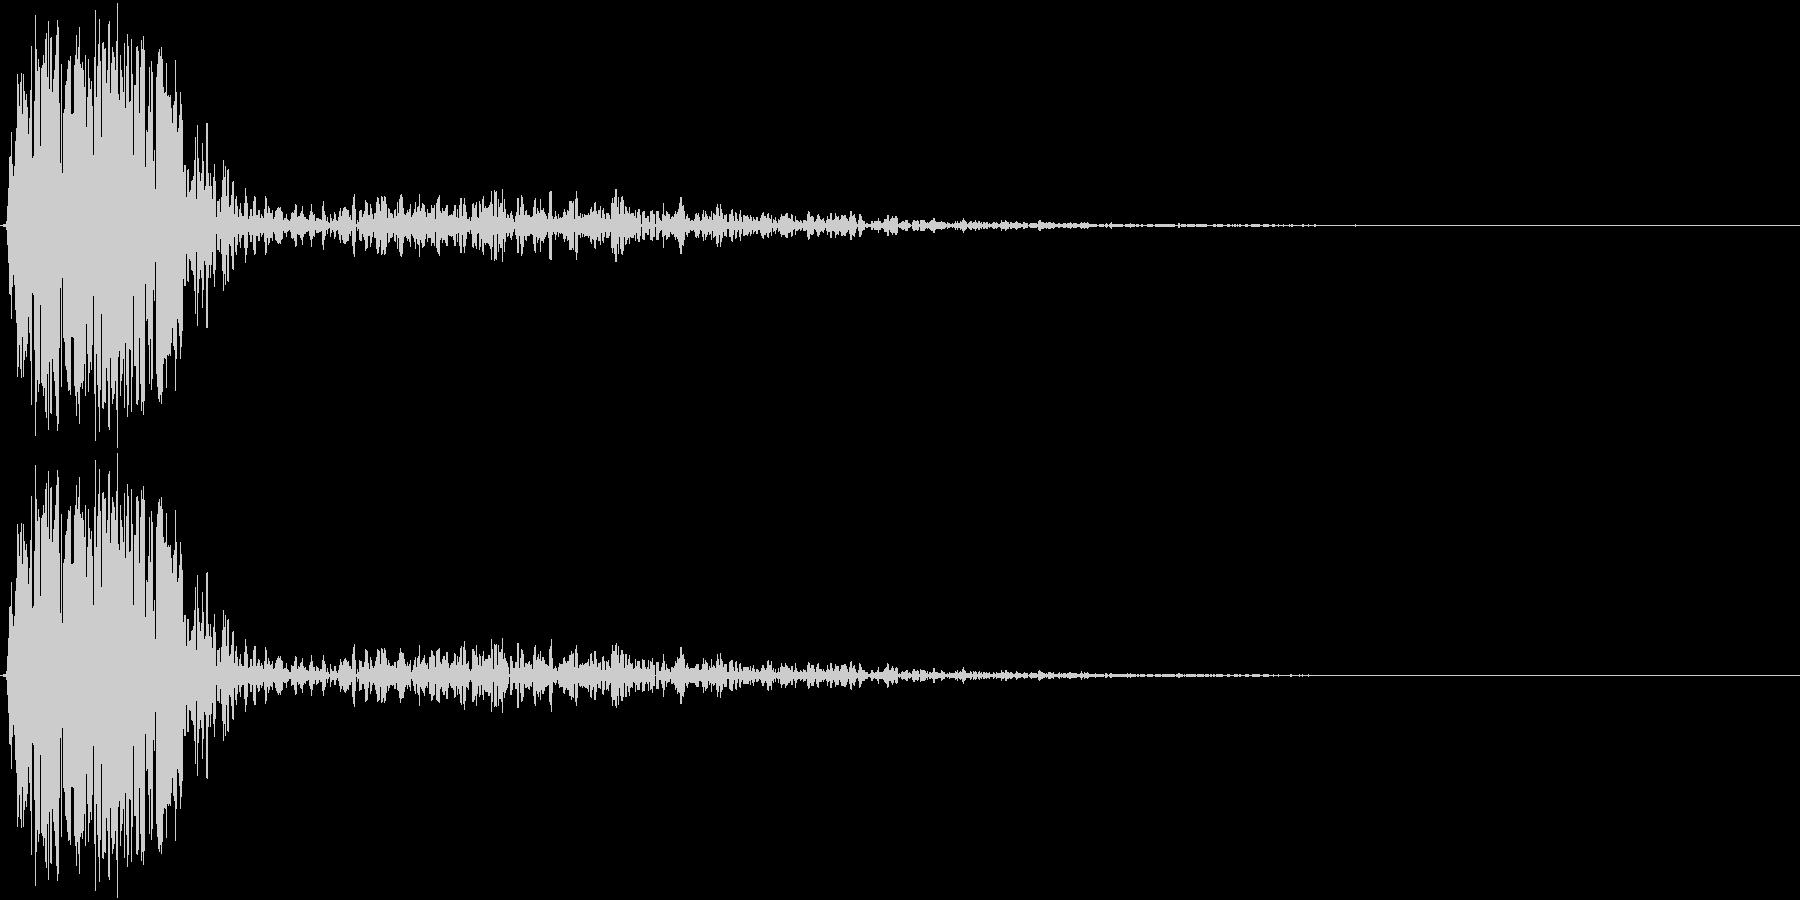 KAKUGE 格闘ゲーム戦闘音 61の未再生の波形